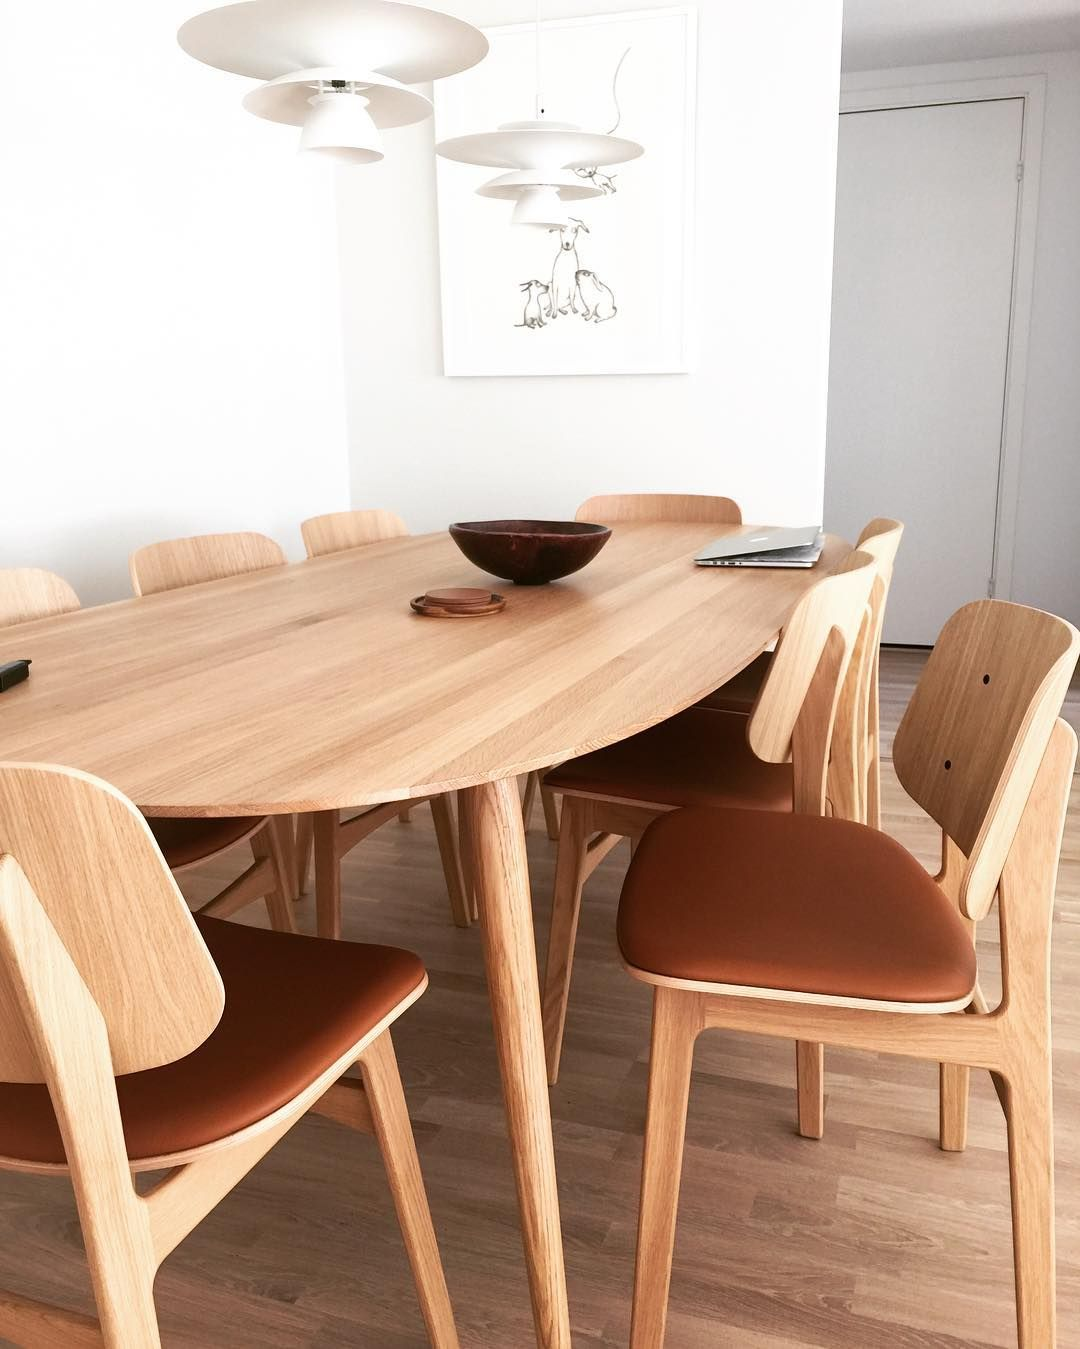 Bruunmunch PLAYdinner Lam Danish Design Scandinavian Producedindenmark Style Interiordesign Madeindenmark Diningtable Table